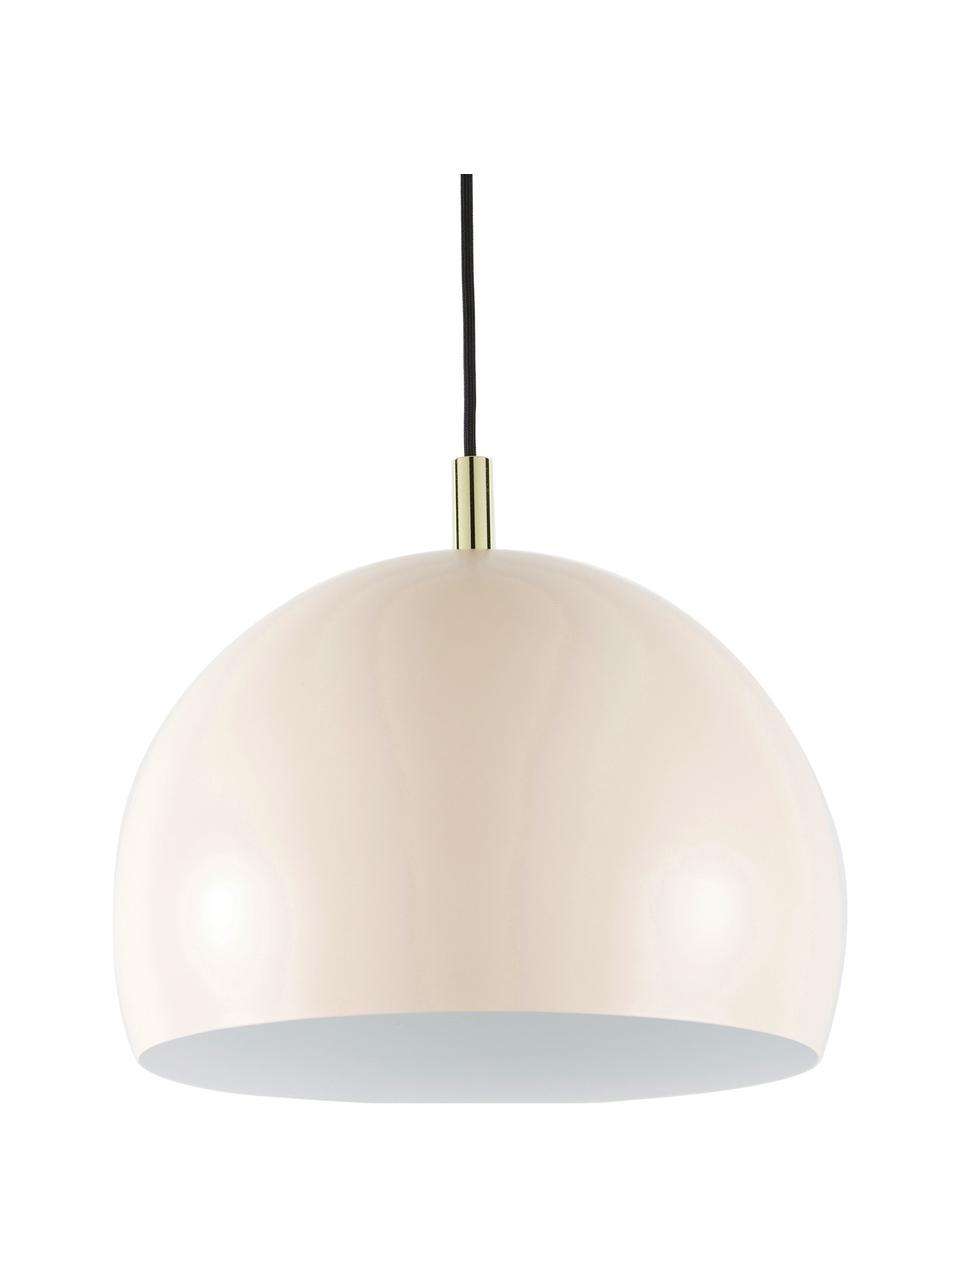 Lámpara de techo Wilma, Pantalla: metal con pintura en polv, Anclaje: metal con pintura en polv, Cable: cubierto en tela, Rosa, Ø 33 x Al 25 cm